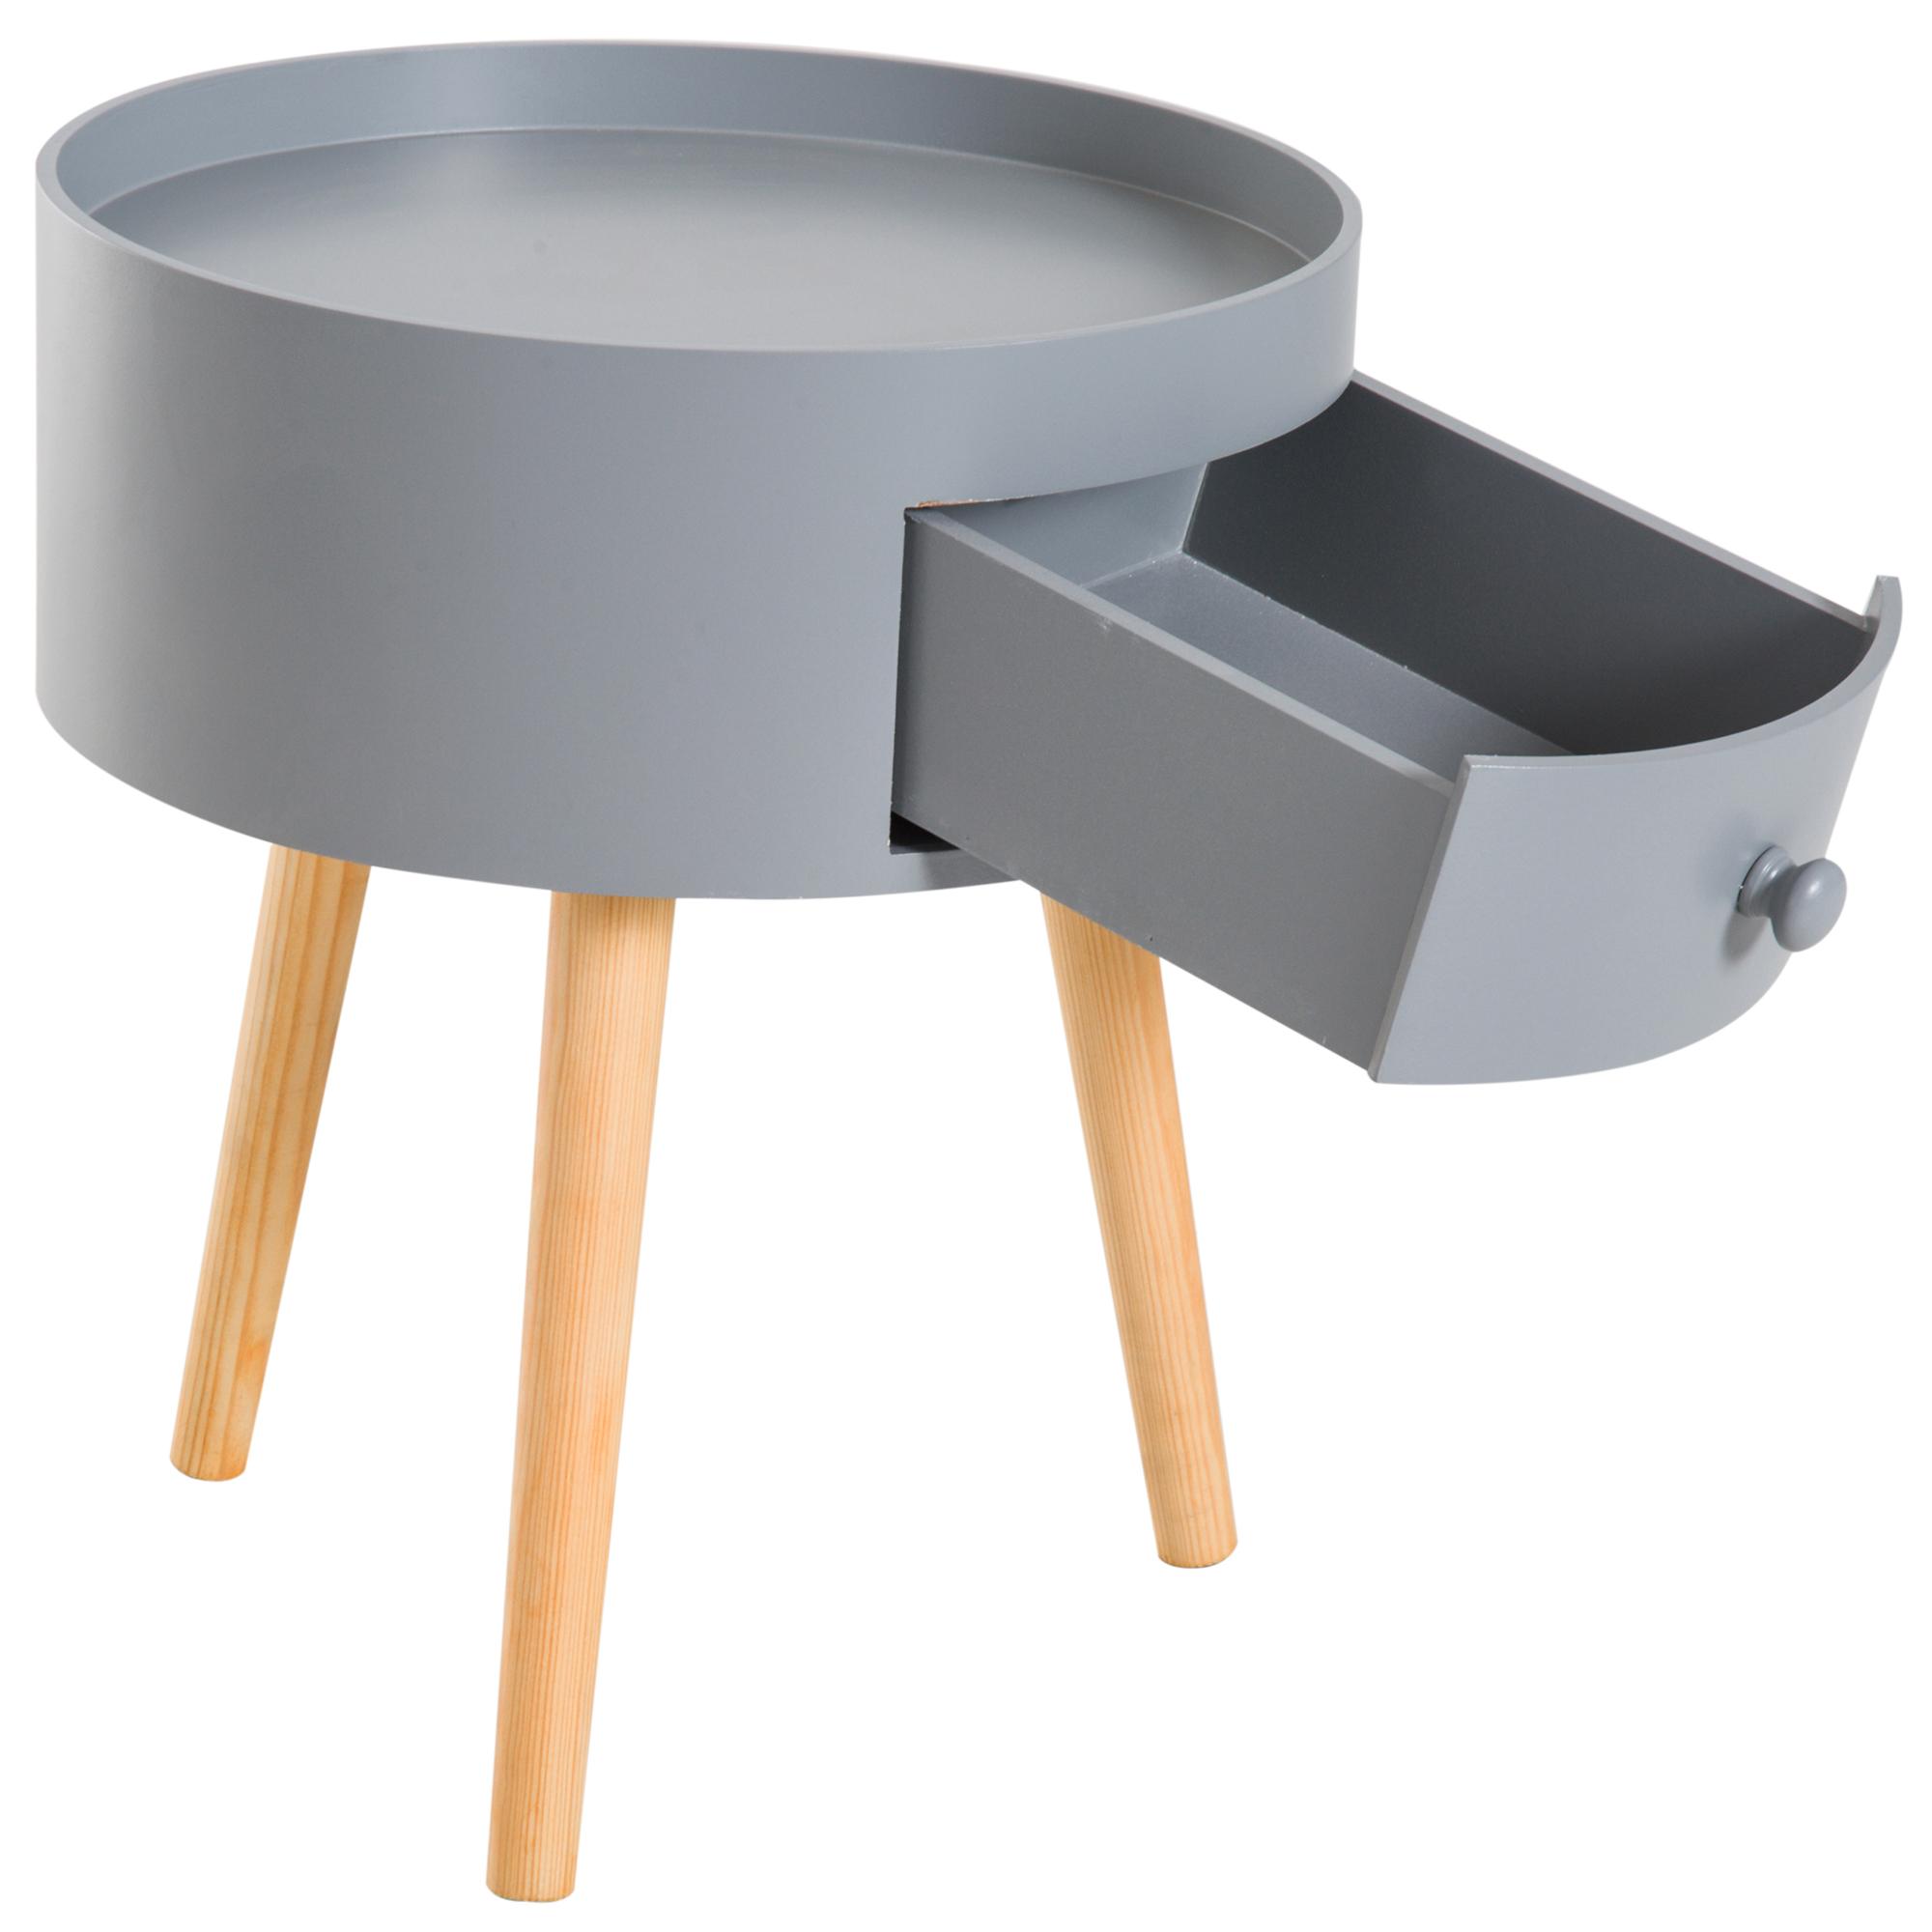 Details zu Beistelltisch mit Schublade Couchtisch skandinavisch Wohnzimmer  Holz Weiß / Grau